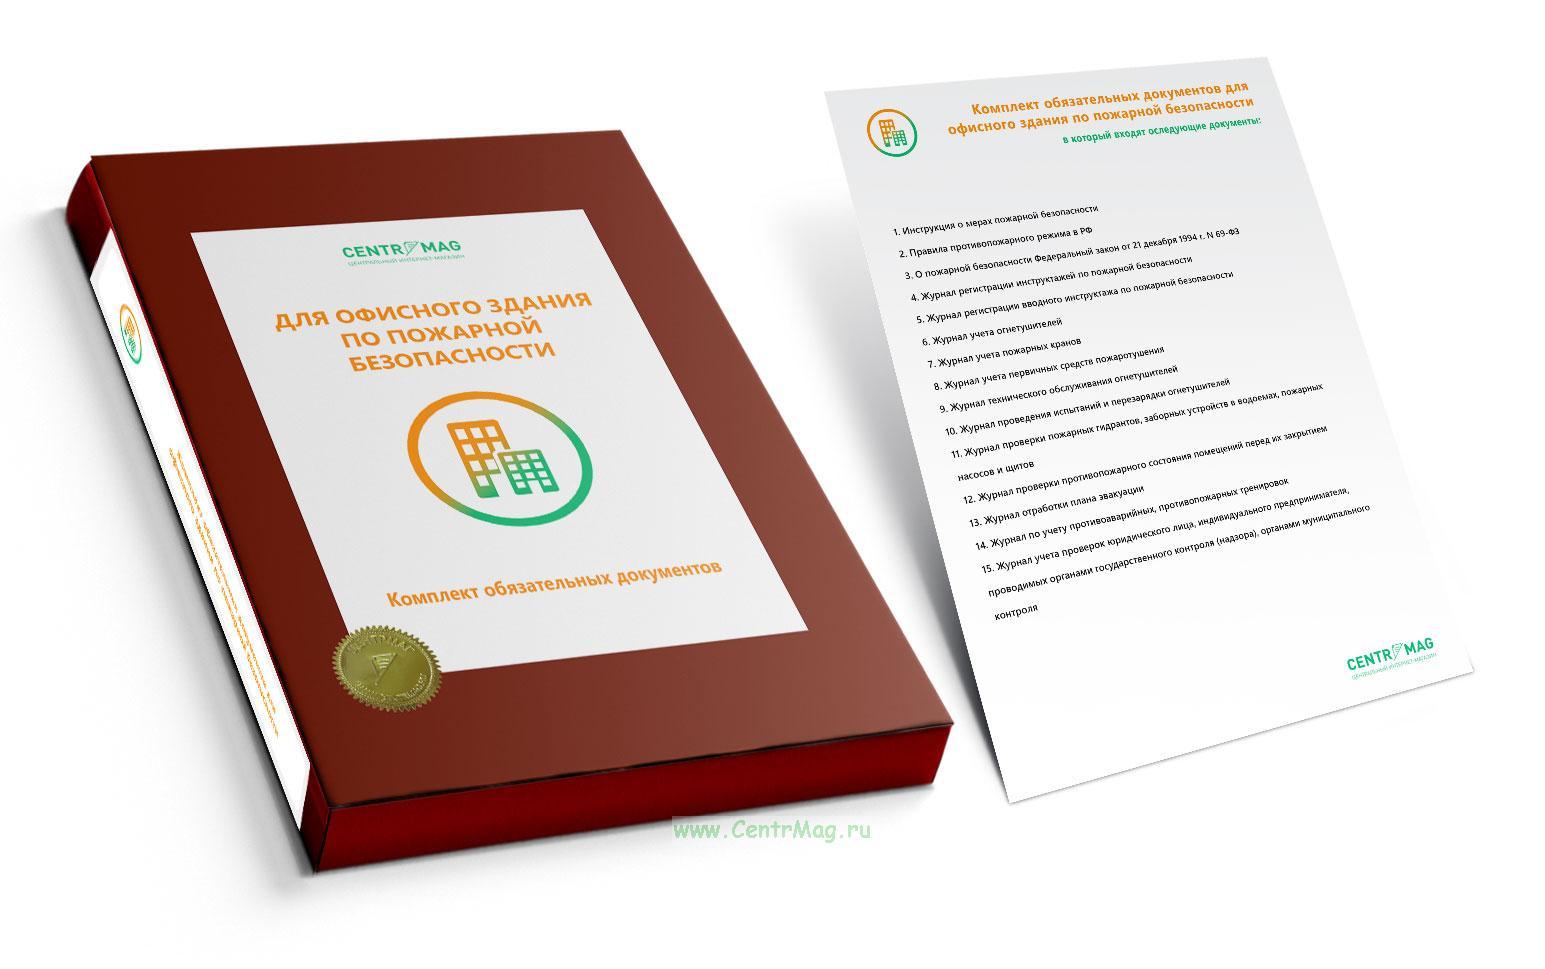 Комплект обязательных документов для офисного здания по пожарной безопасности